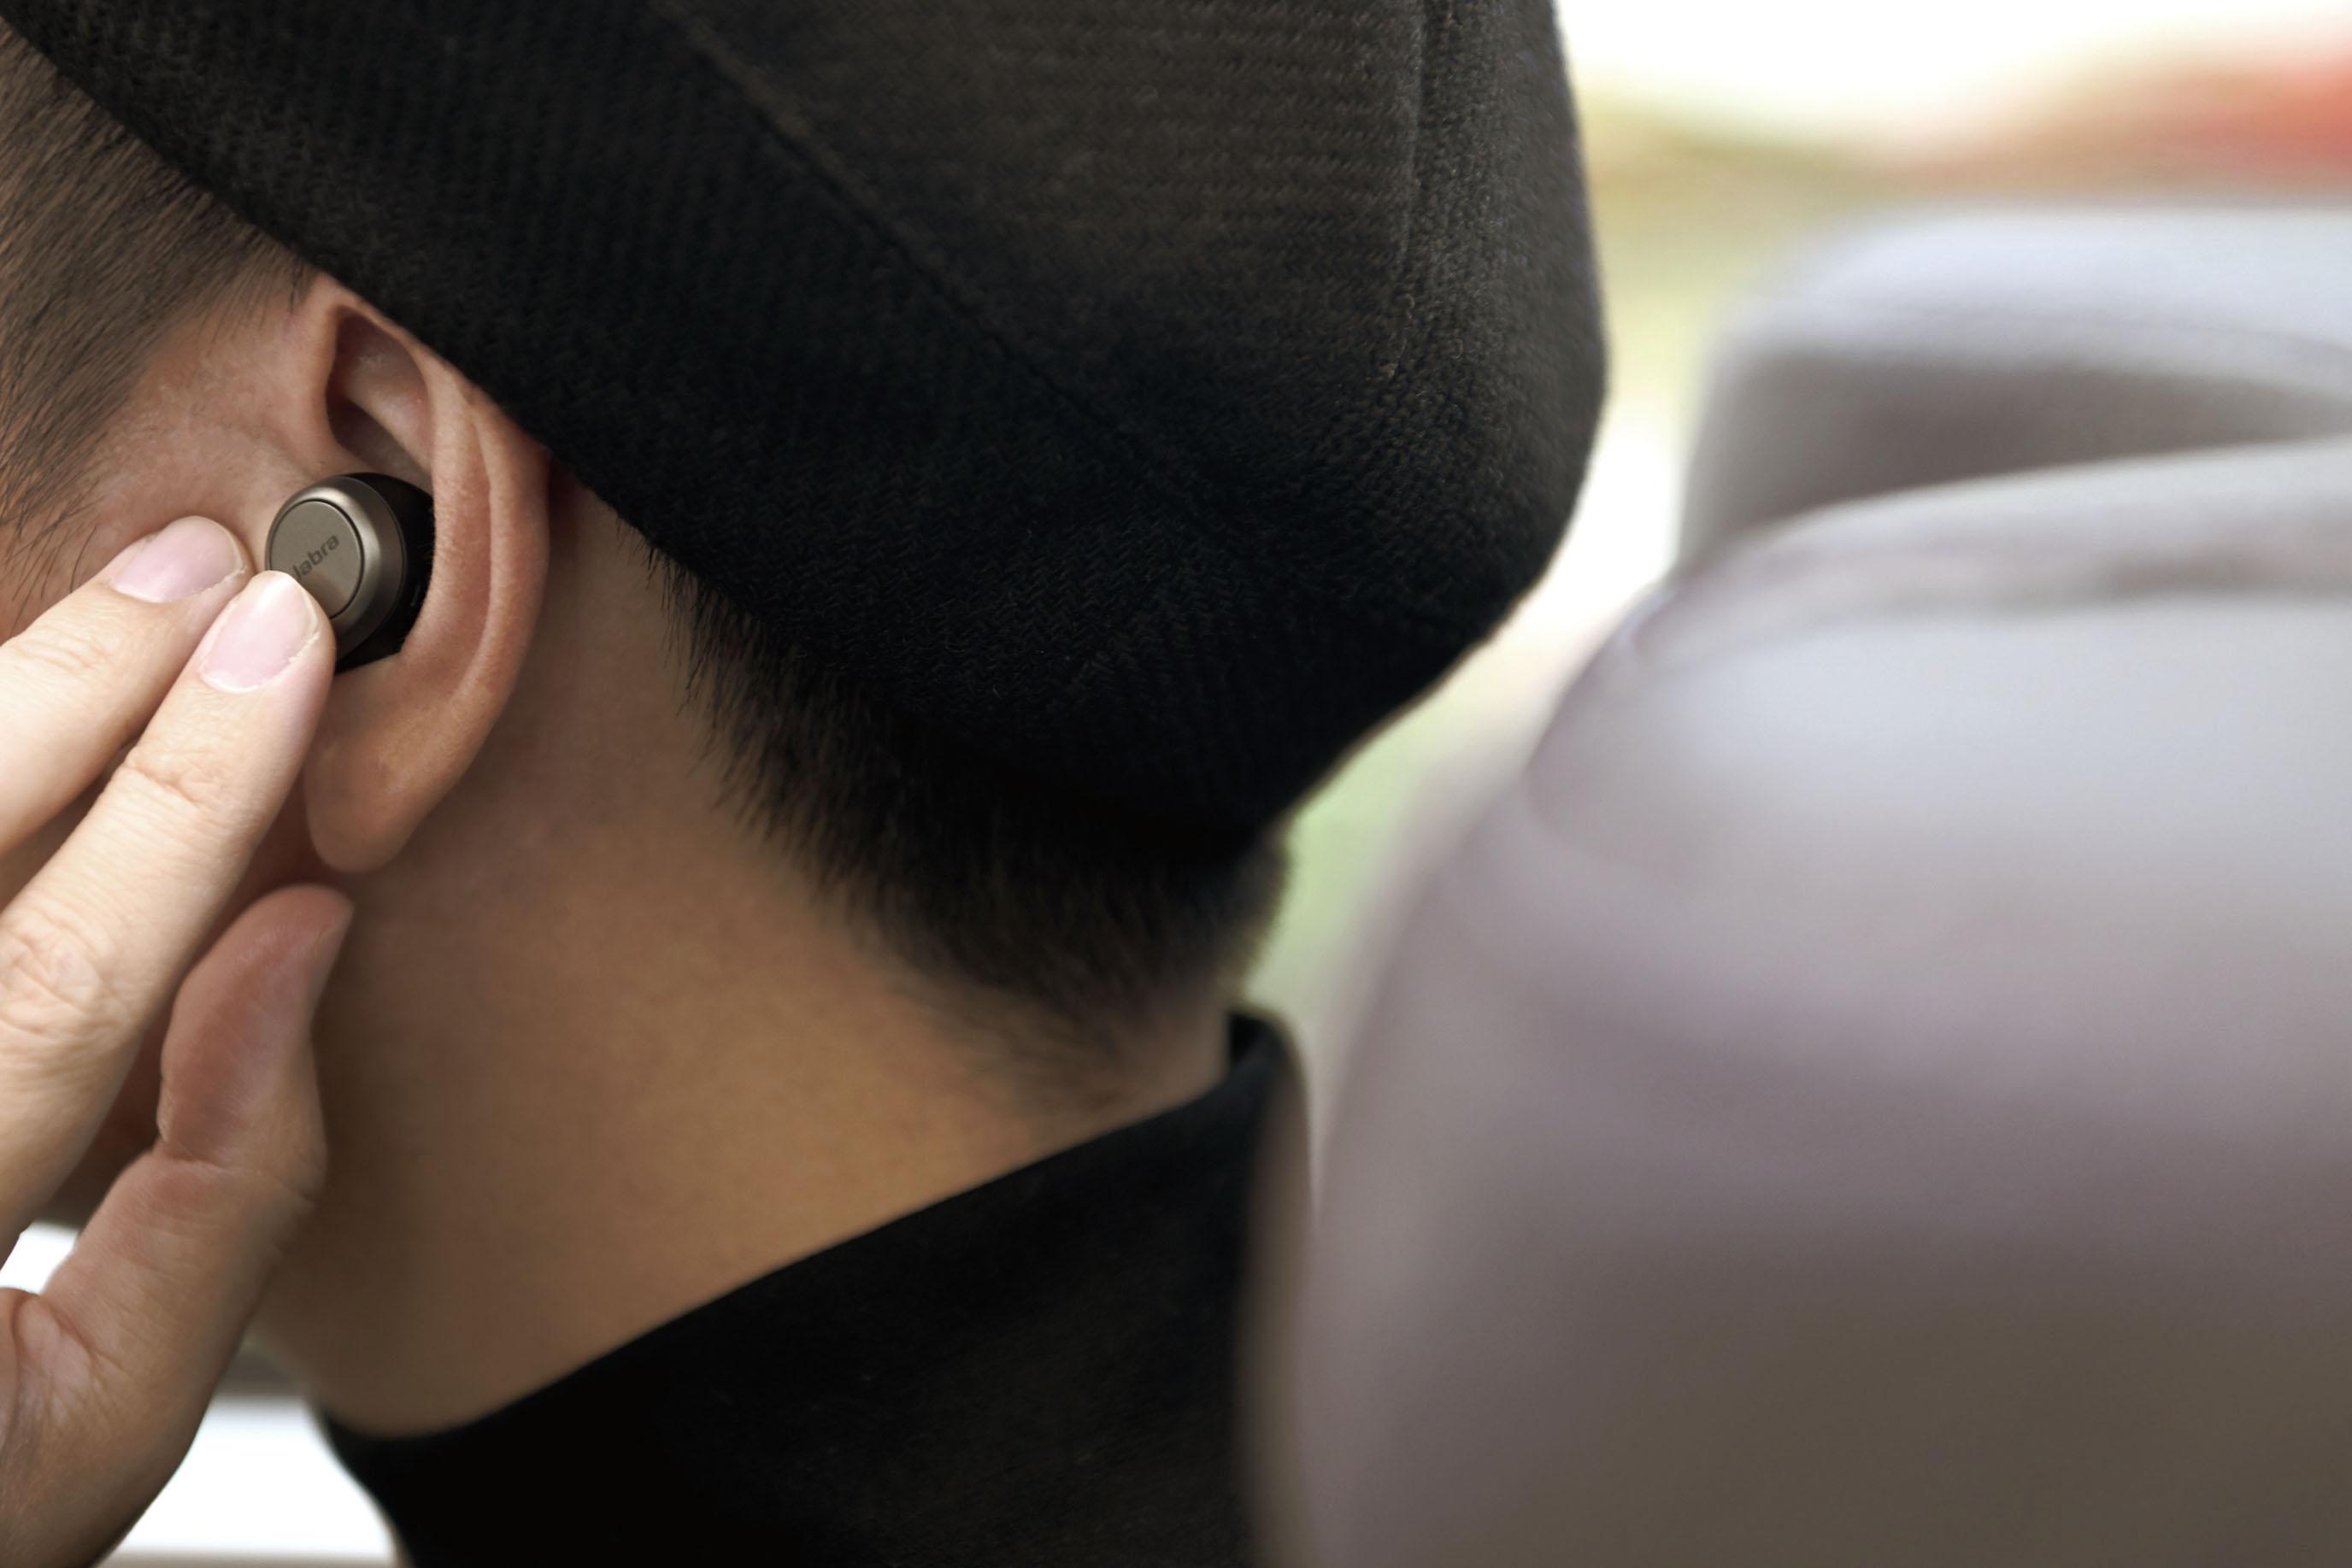 聽幾首歌,讓日子不再總是想起孤單|Jabra Elite 75t 無線藍牙耳機